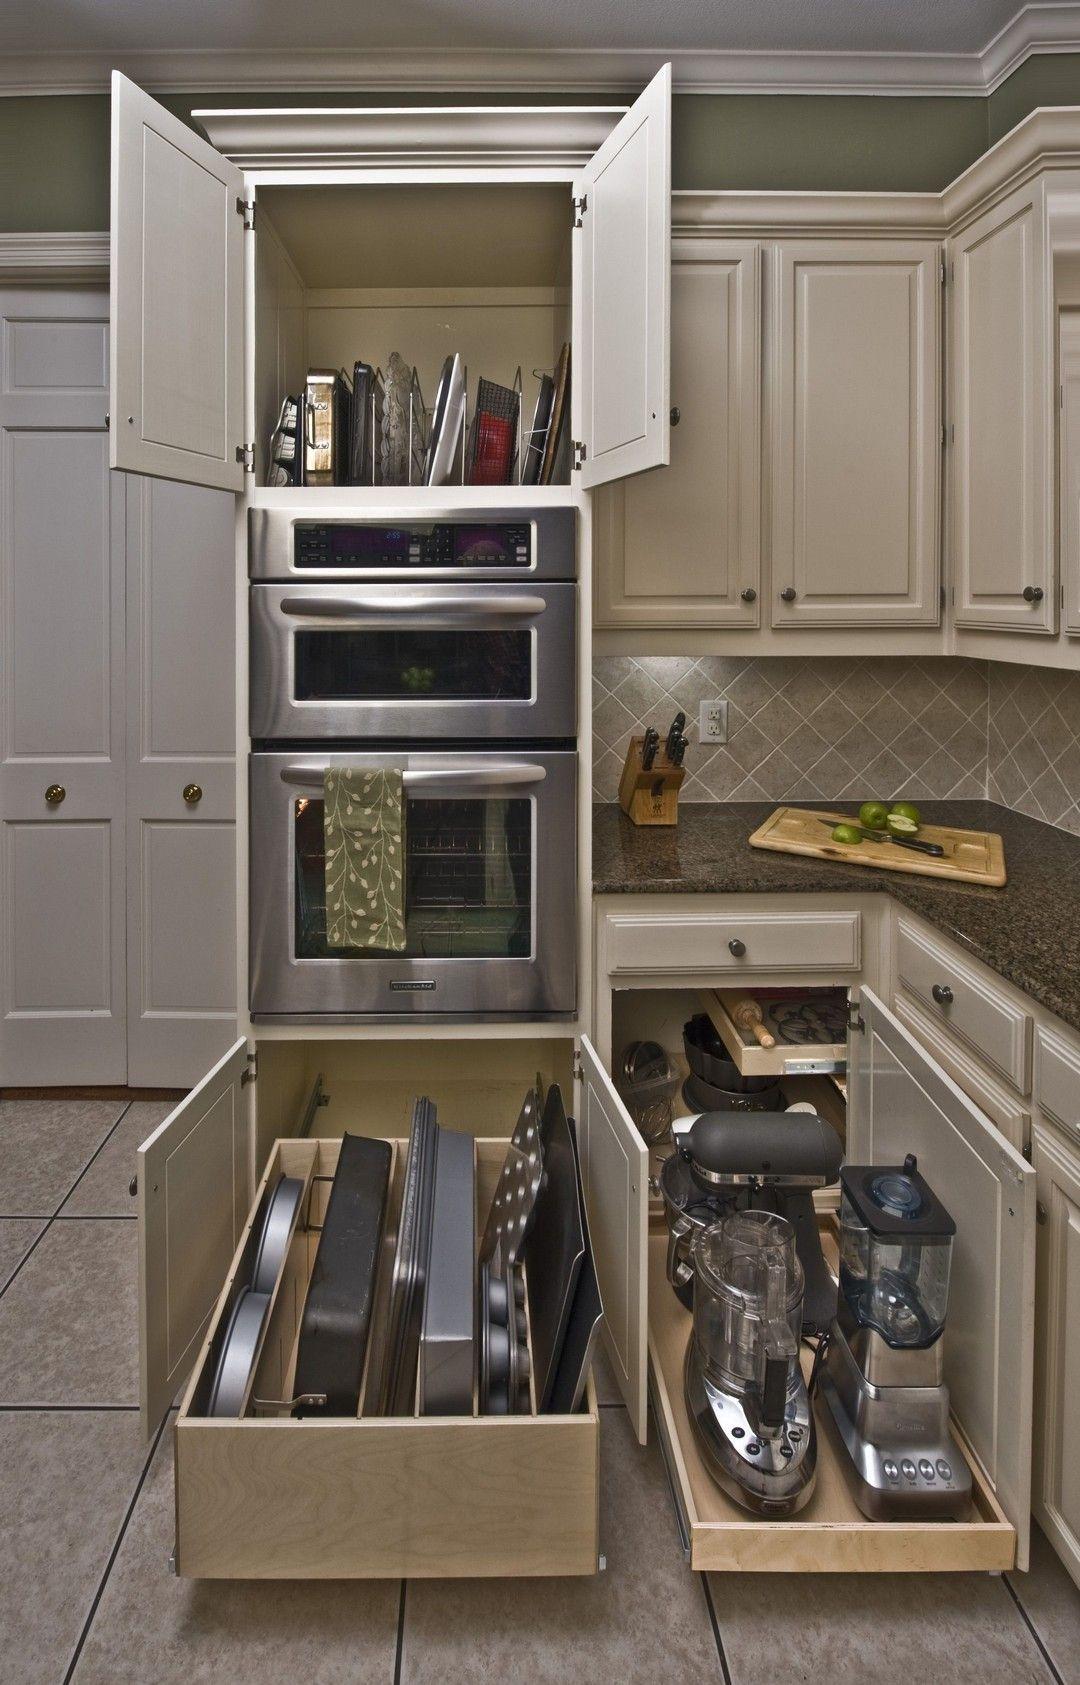 41 Cabinet Storage Organization Ideas For New Kitchen Kitchen